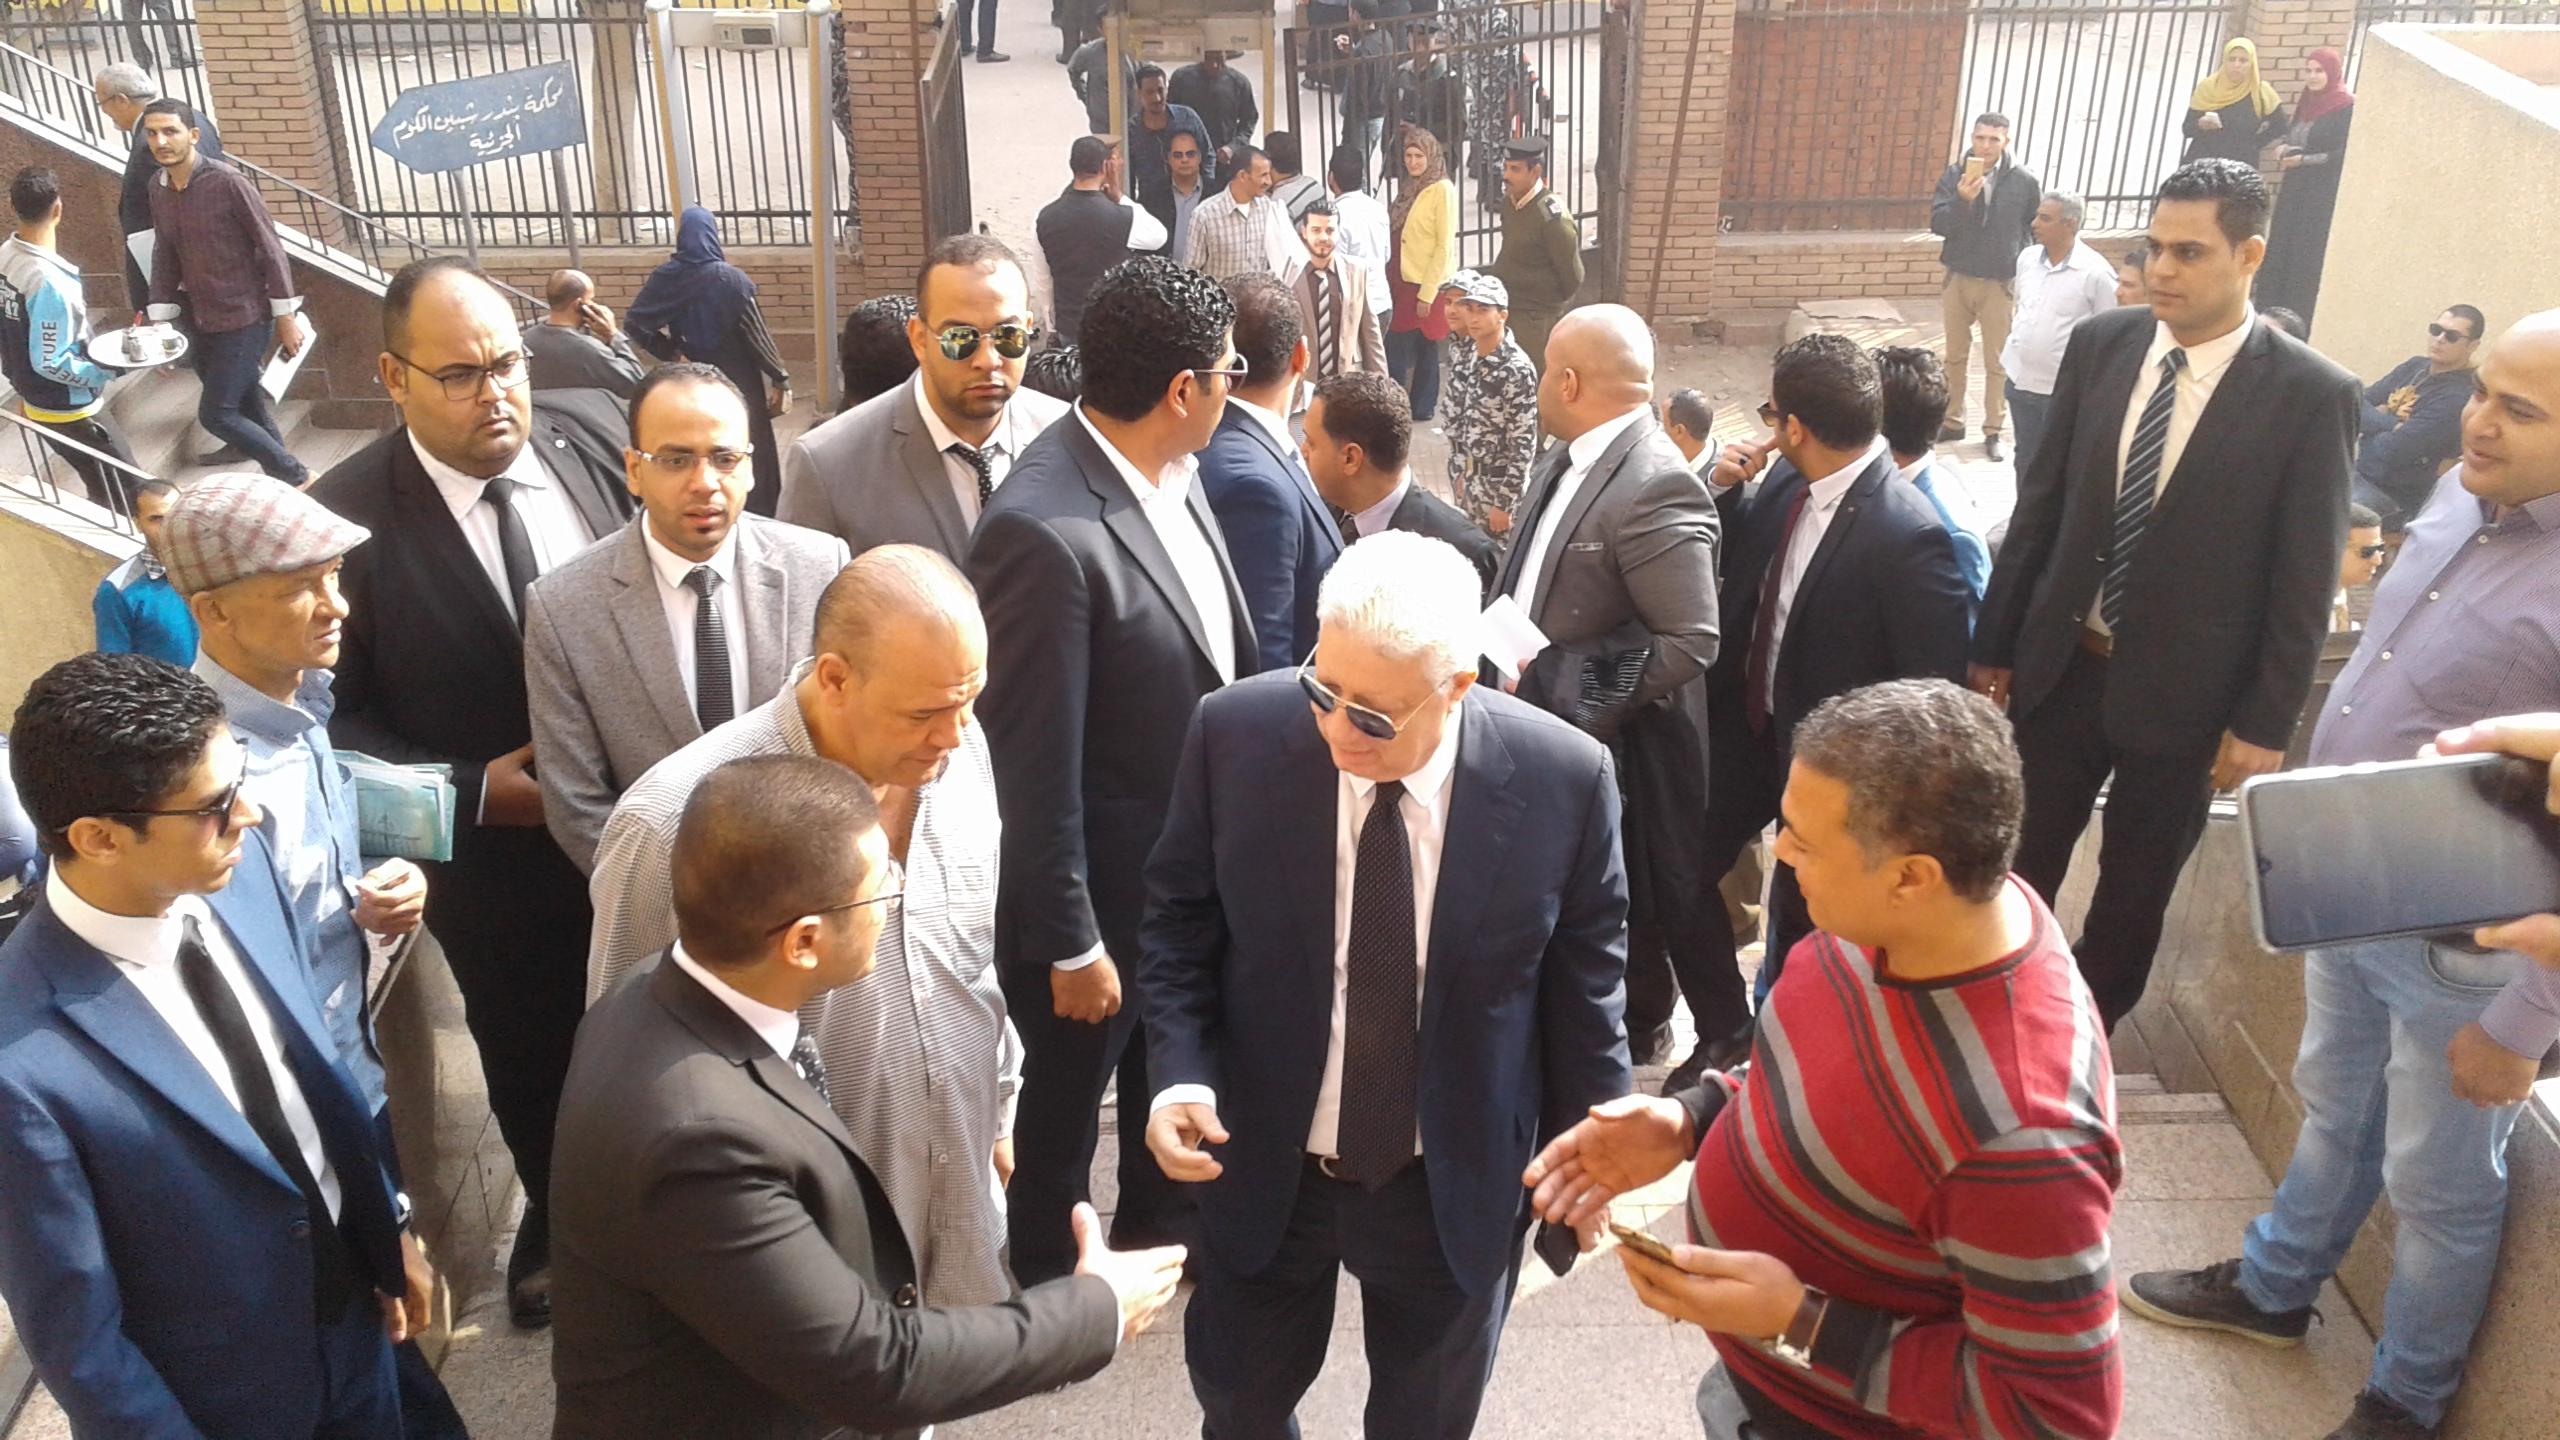 وصول مرتضى منصور لمحكمة شبين الكوم